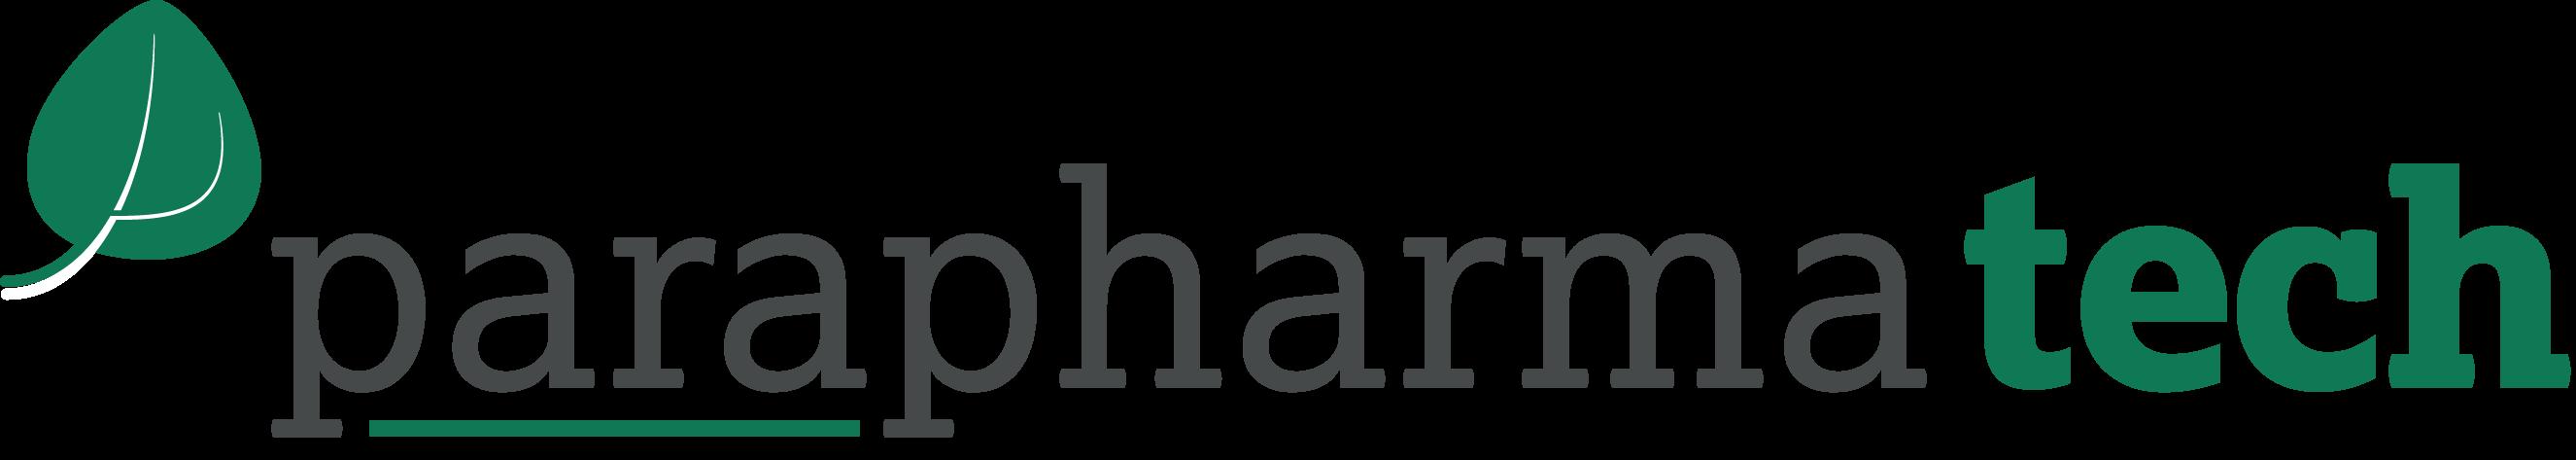 Parapharma Tech